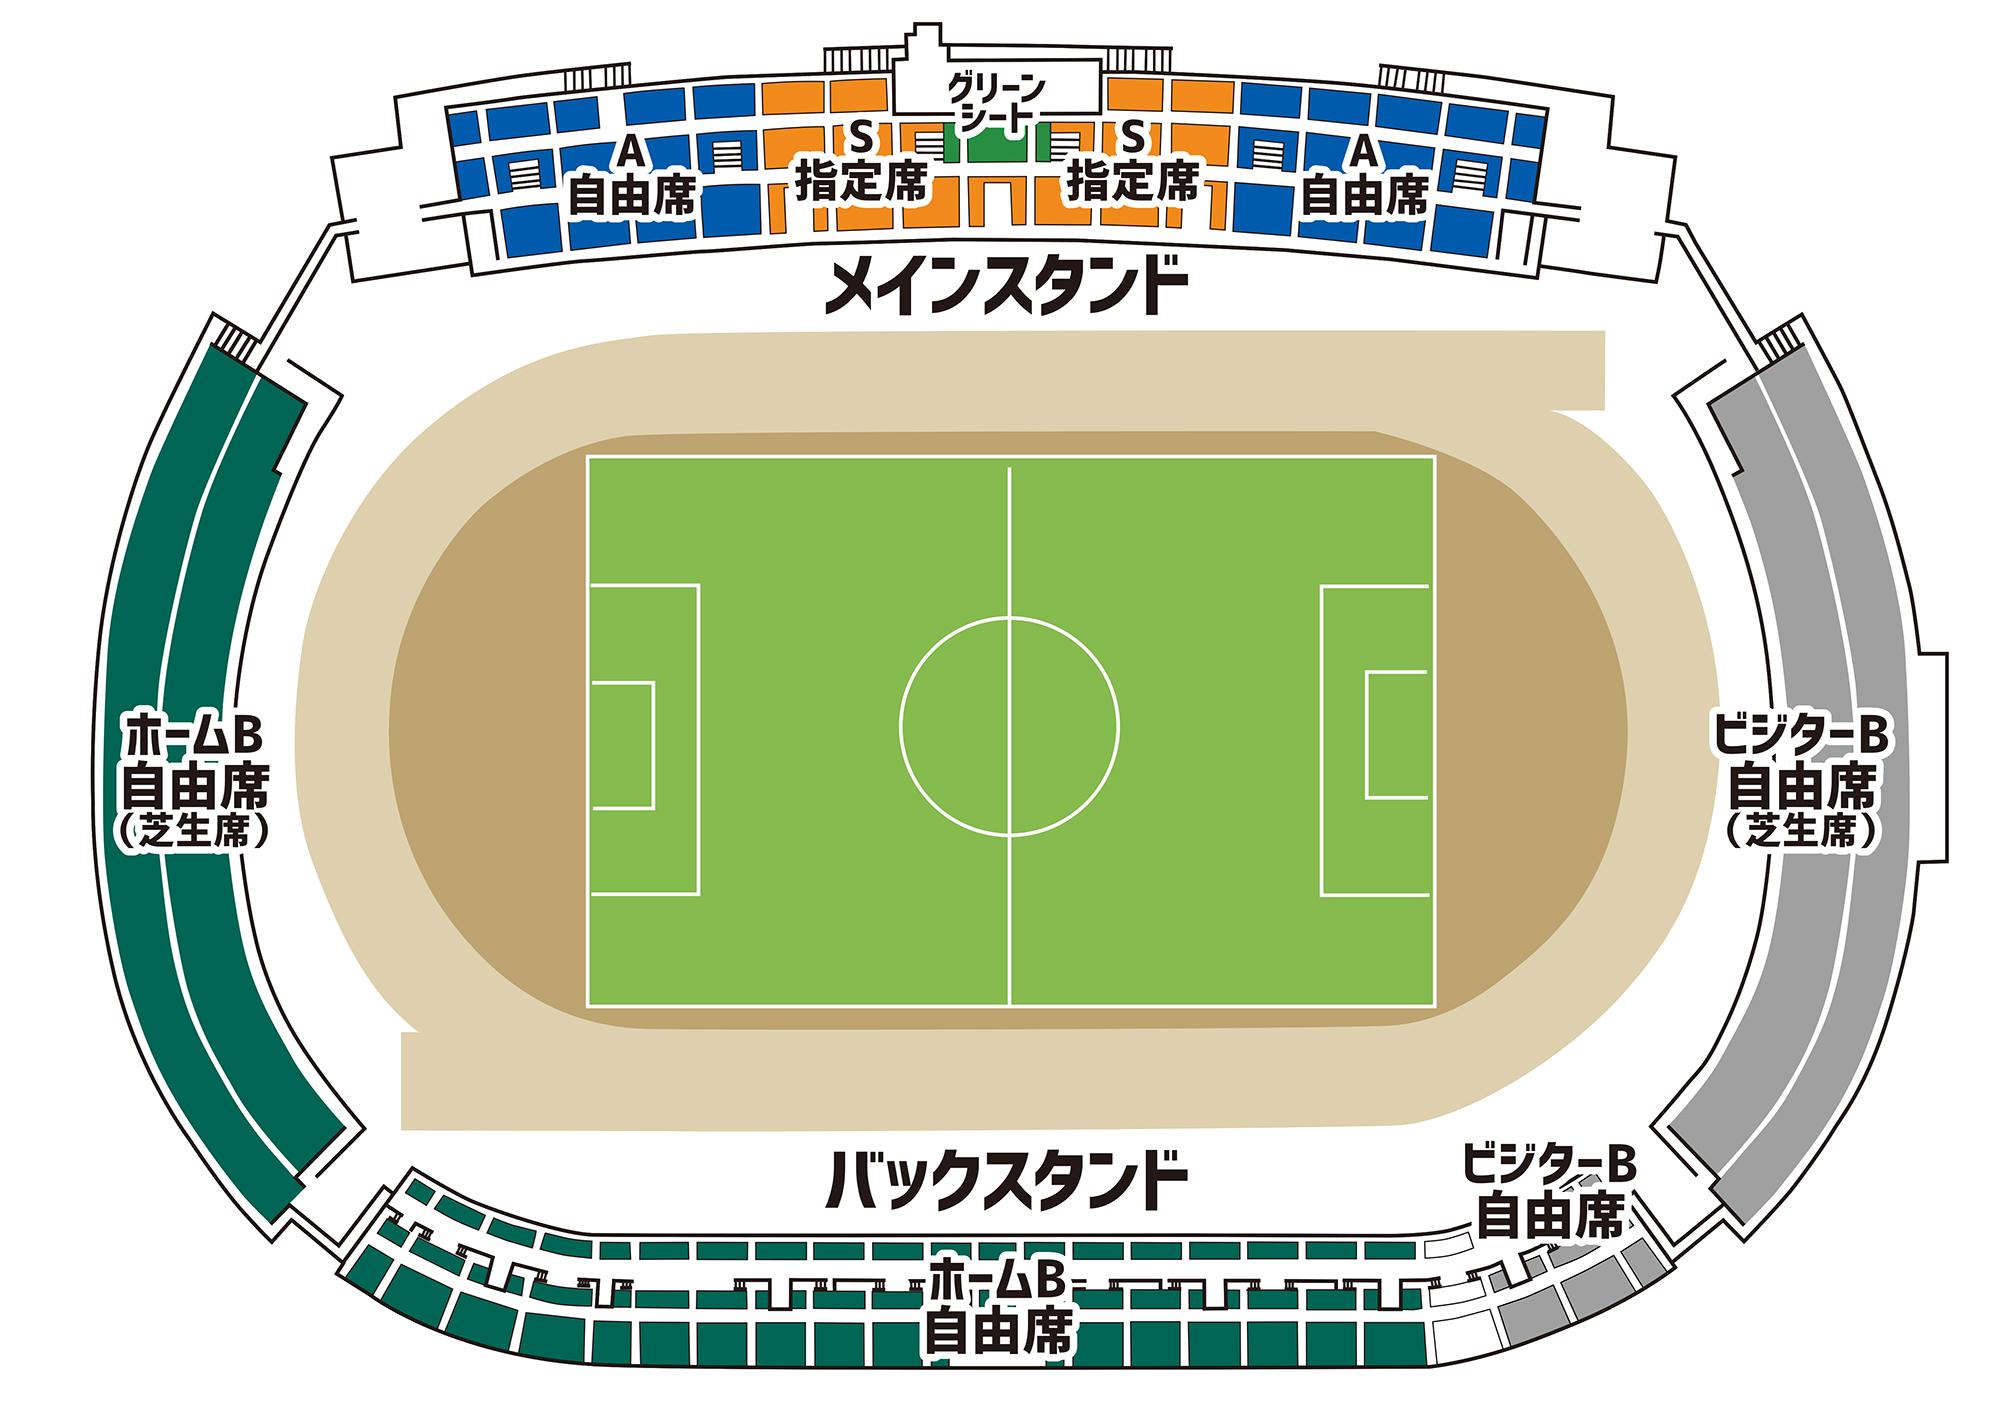 2019_スタジアム座席図.jpg